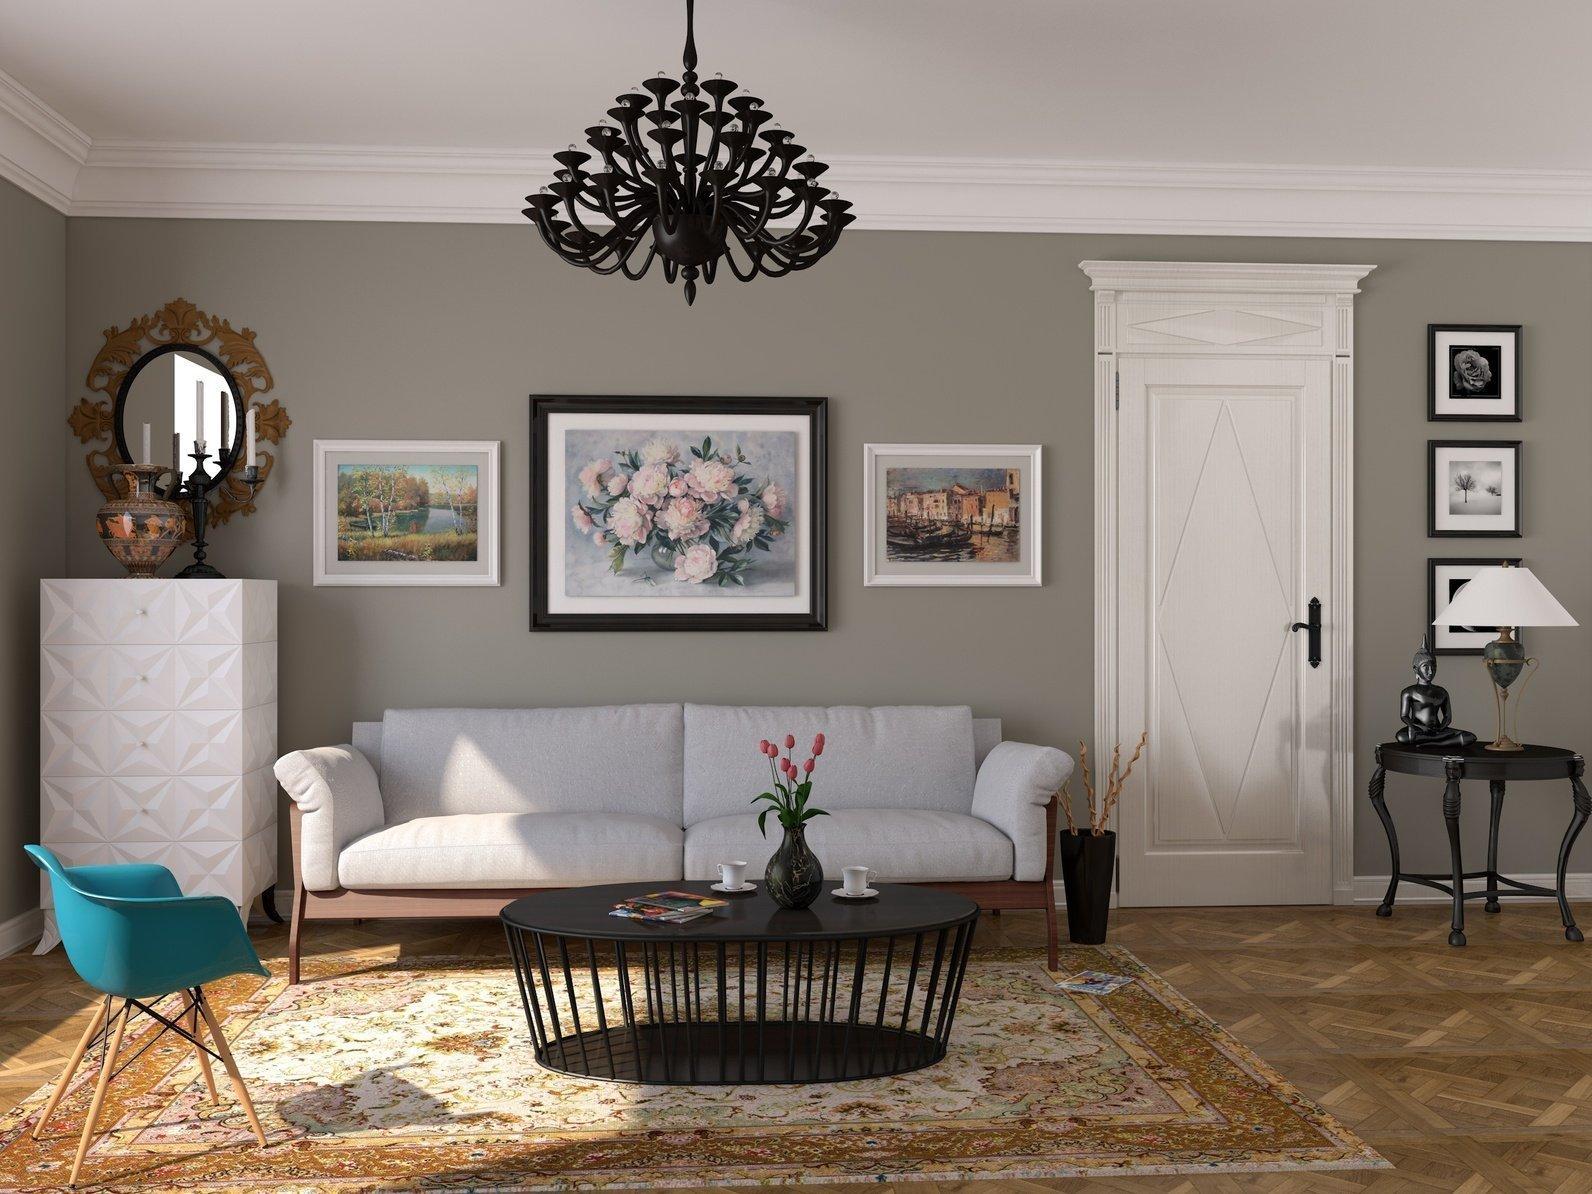 Эргономика домашнего пространства | личный блог дизайнера